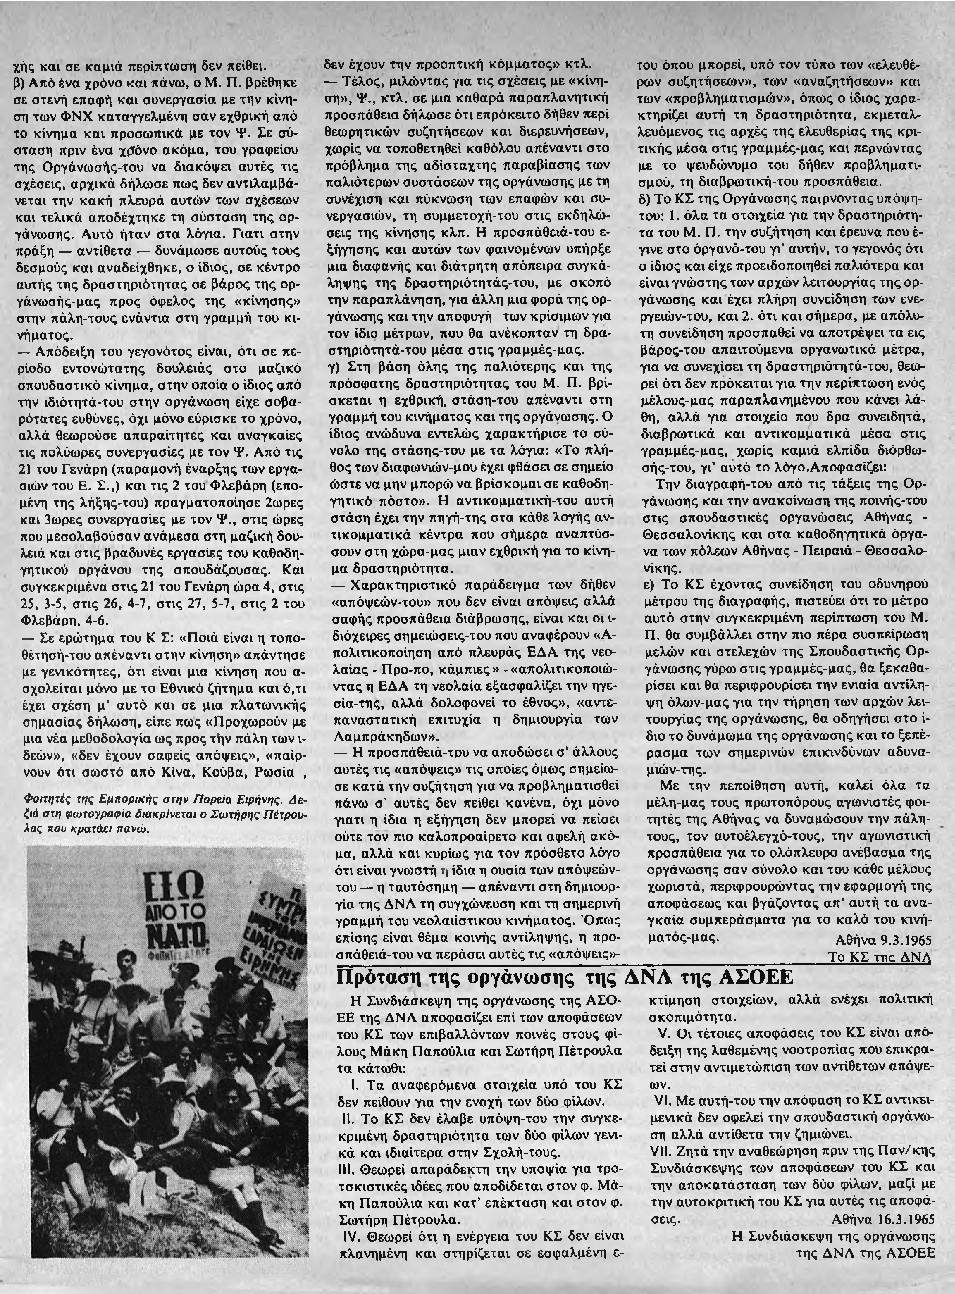 Σωτήρης Σωτήρης Πέτρουλας και Μάκης Παπούλιας: Τα ντοκουμέντα της διαγραφής από ΔΝΛ Νεολαία Λαμπράκη, 09/03/1965. Η πρόταση της ΔΝΛ, παράρτημα ΑΣΟΕΕ να ανακληθούν οι ποινές.